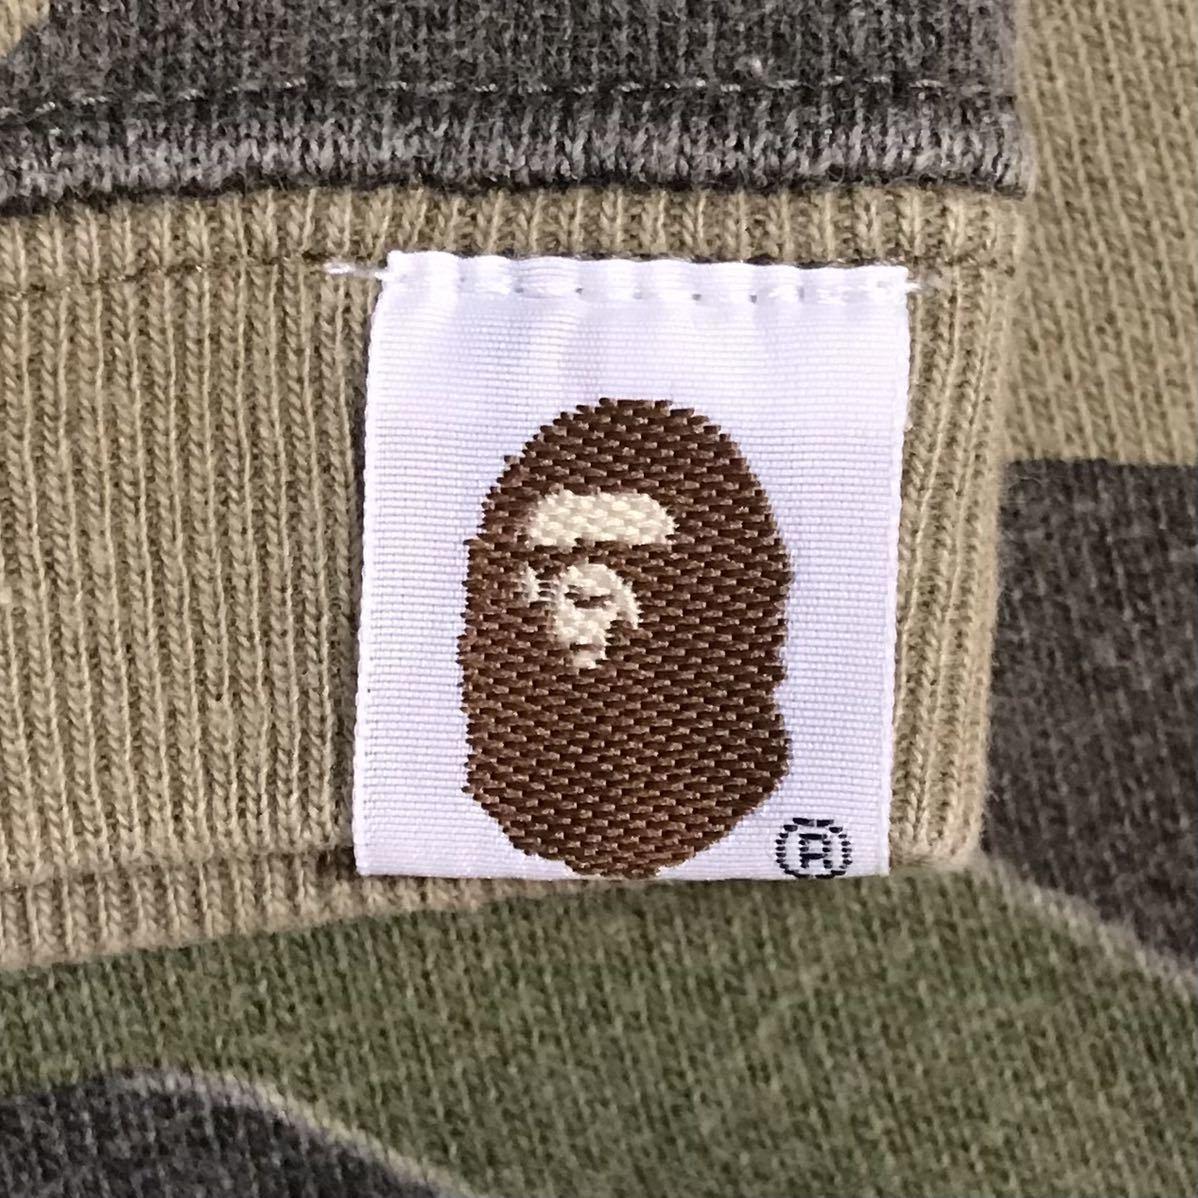 kaws × bape 半袖 スウェット Sサイズ bendy 1st camo green a bathing ape sweat エイプ ベイプ アベイシングエイプ 迷彩 6353